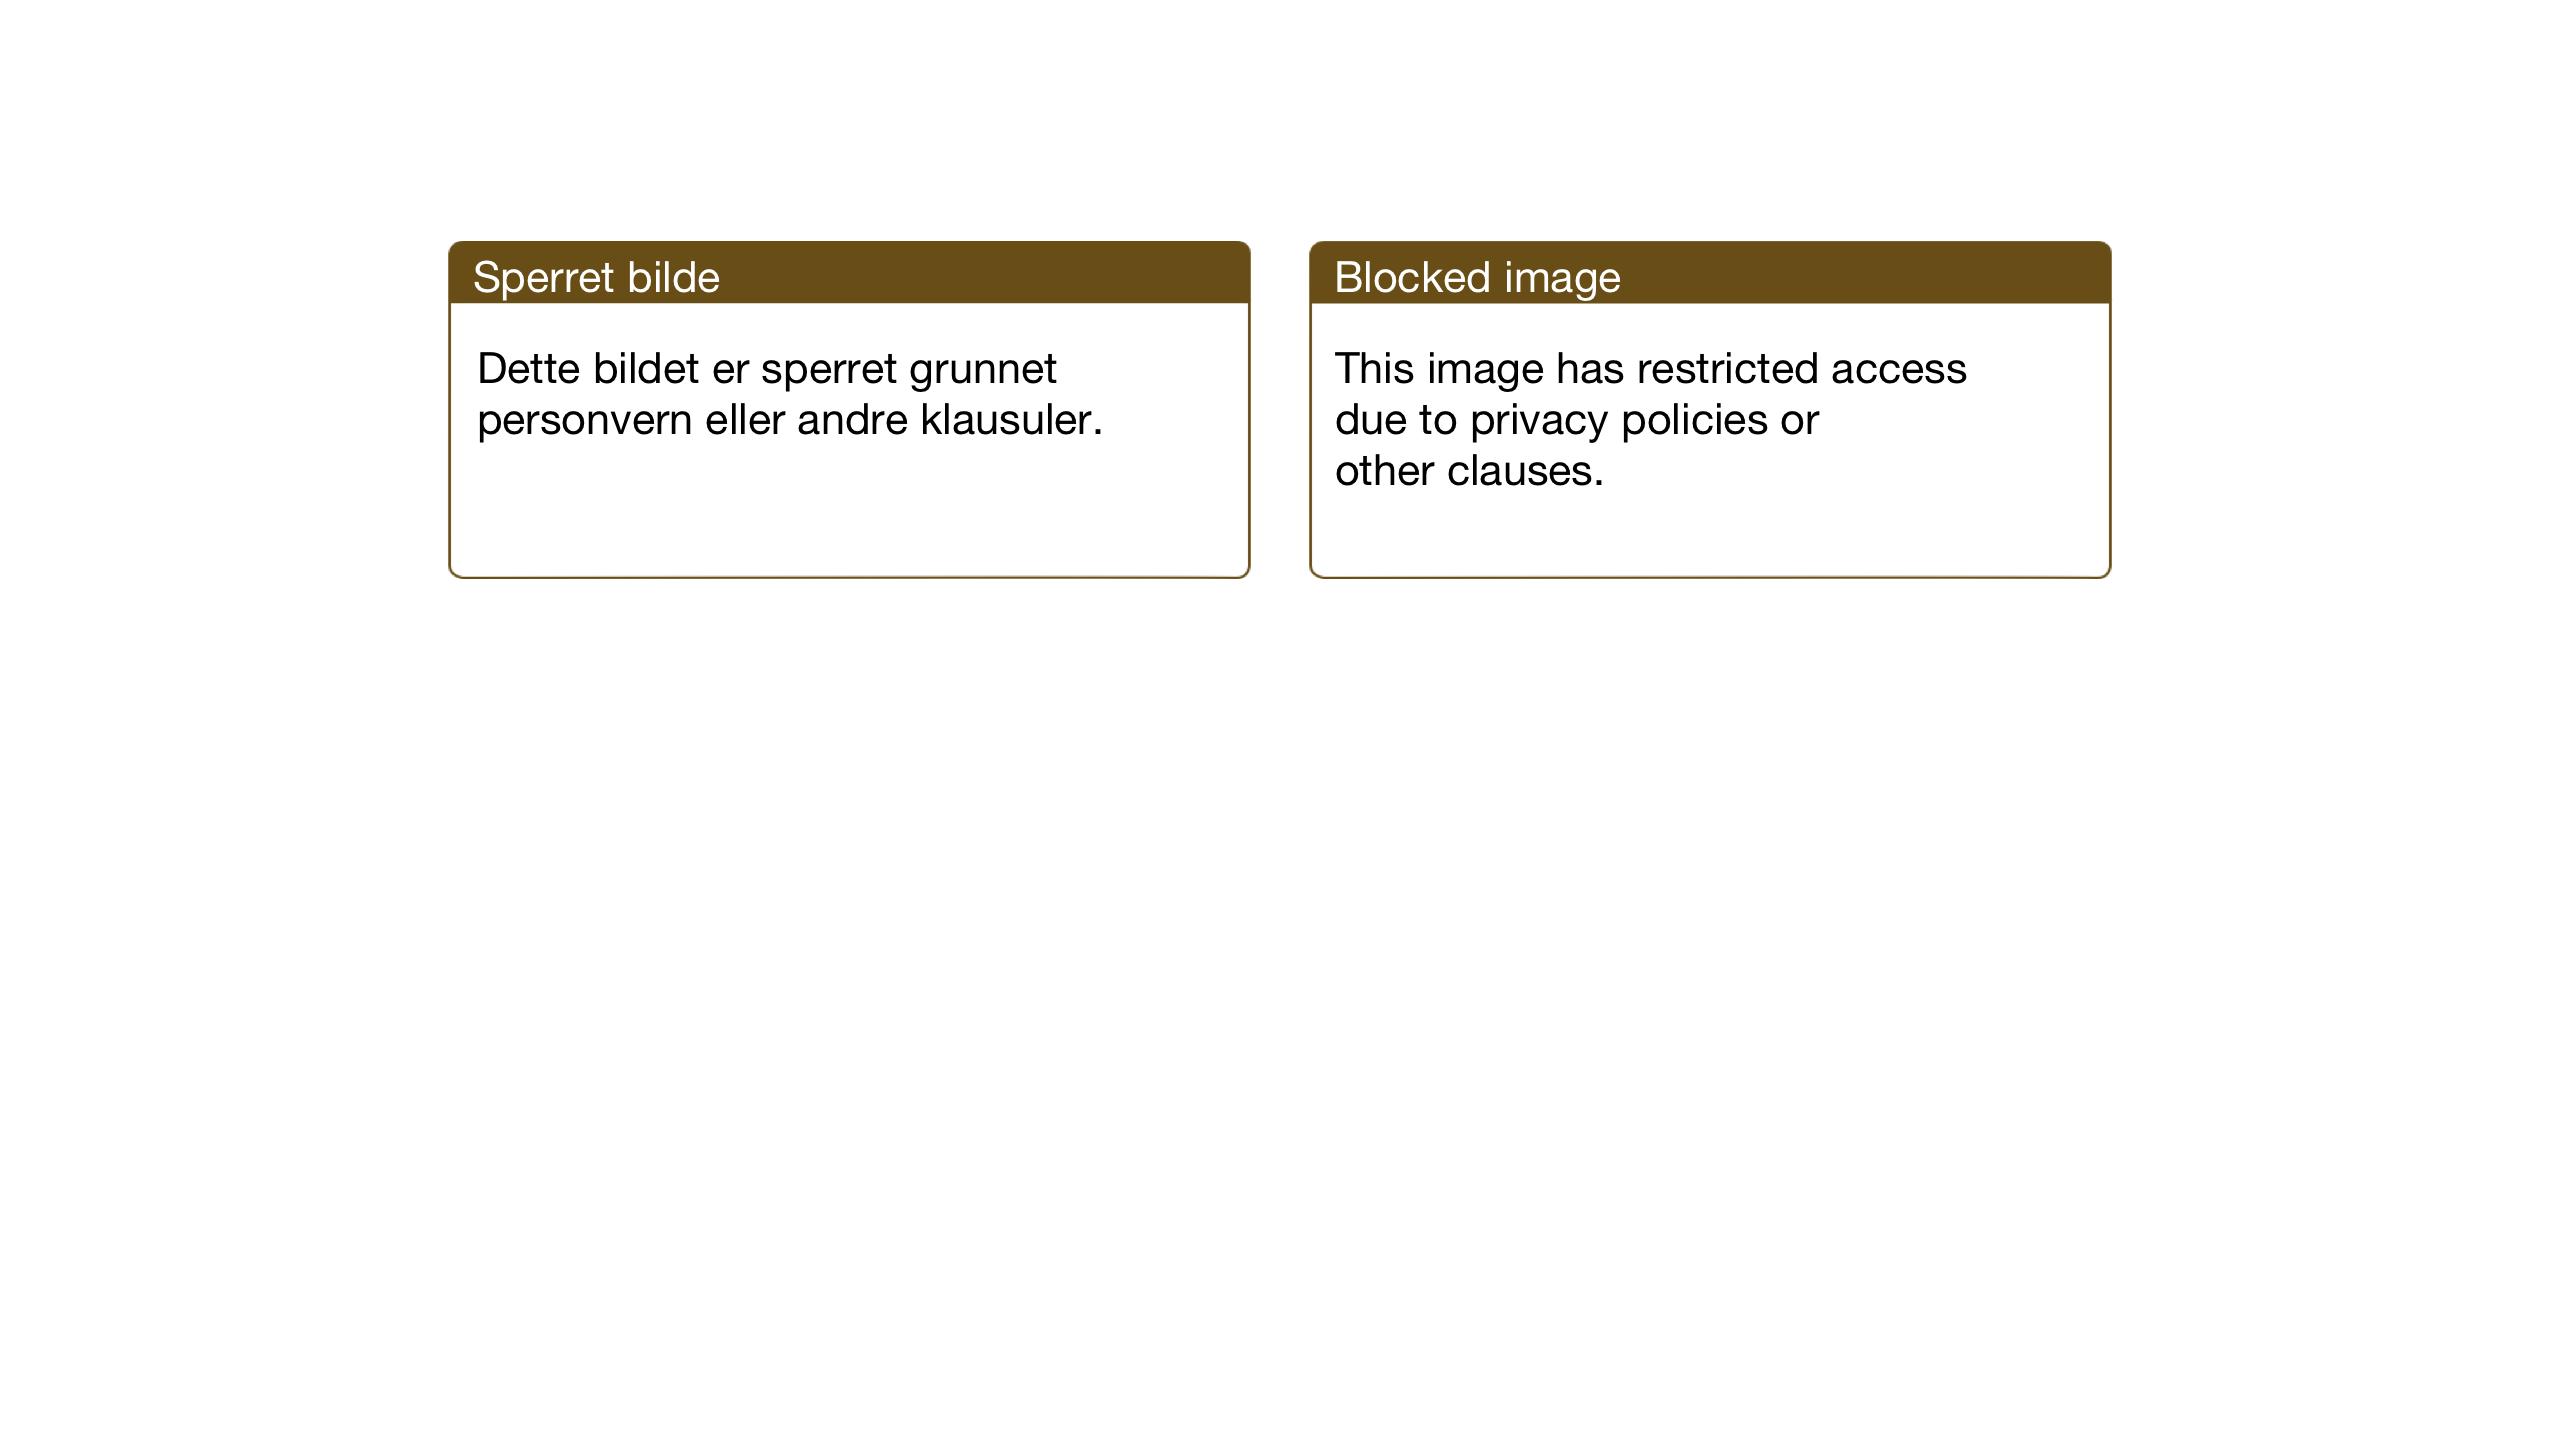 SAT, Ministerialprotokoller, klokkerbøker og fødselsregistre - Nord-Trøndelag, 746/L0456: Klokkerbok nr. 746C02, 1936-1948, s. 20